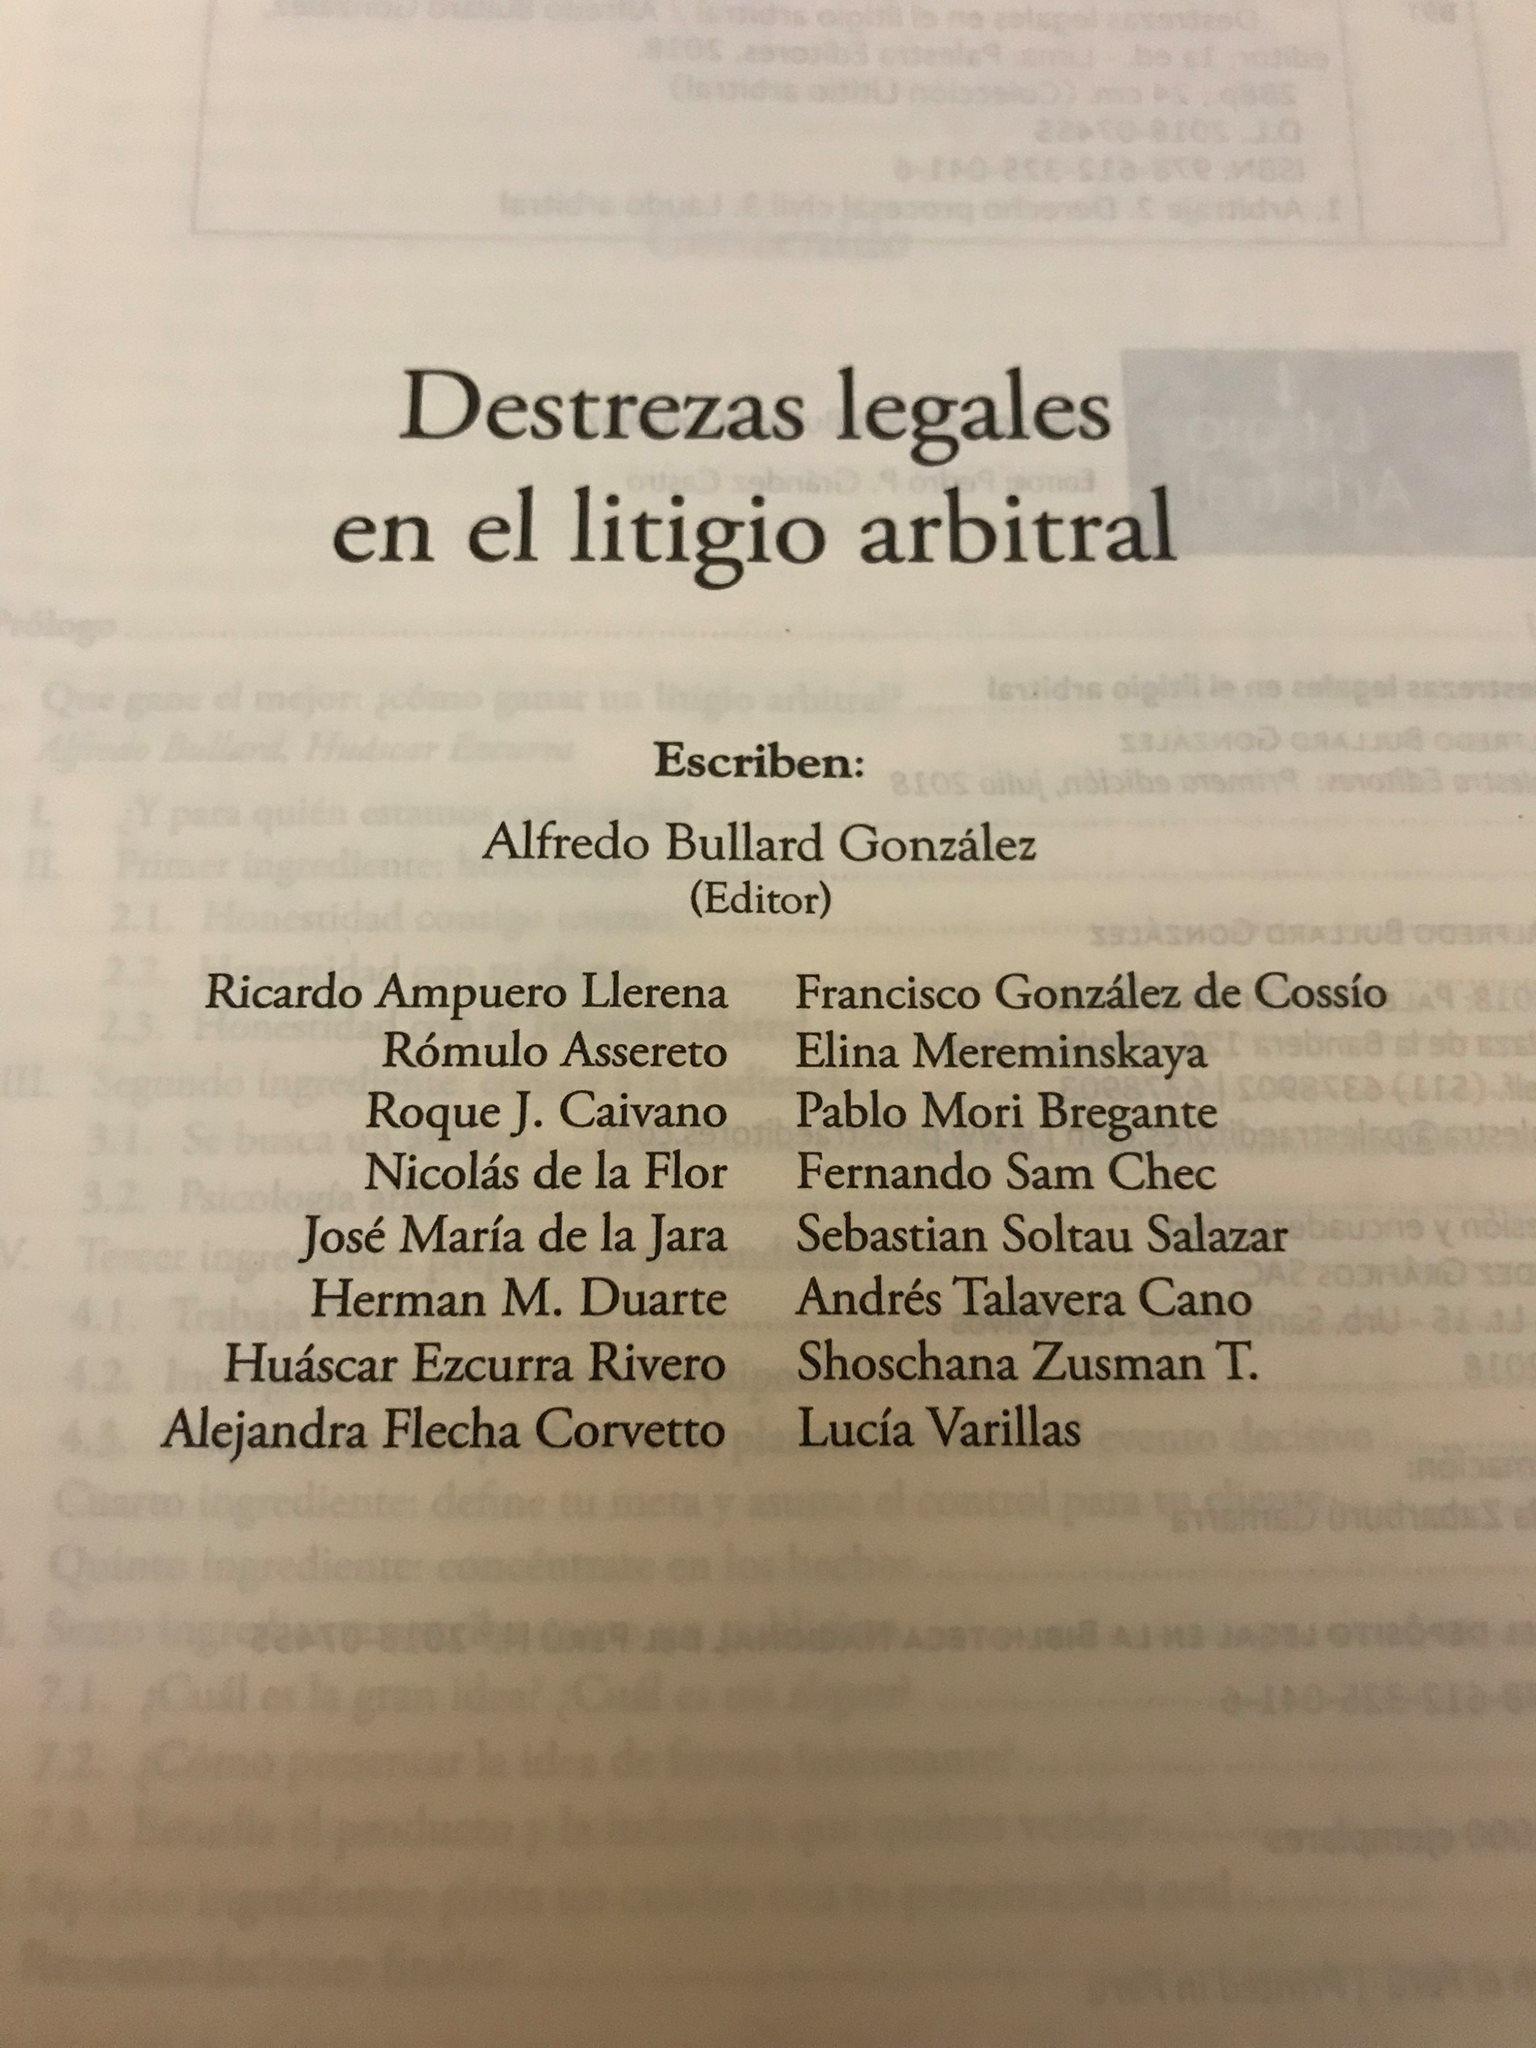 8. libro 2 Libro destrezas legales arbitrales.jpg